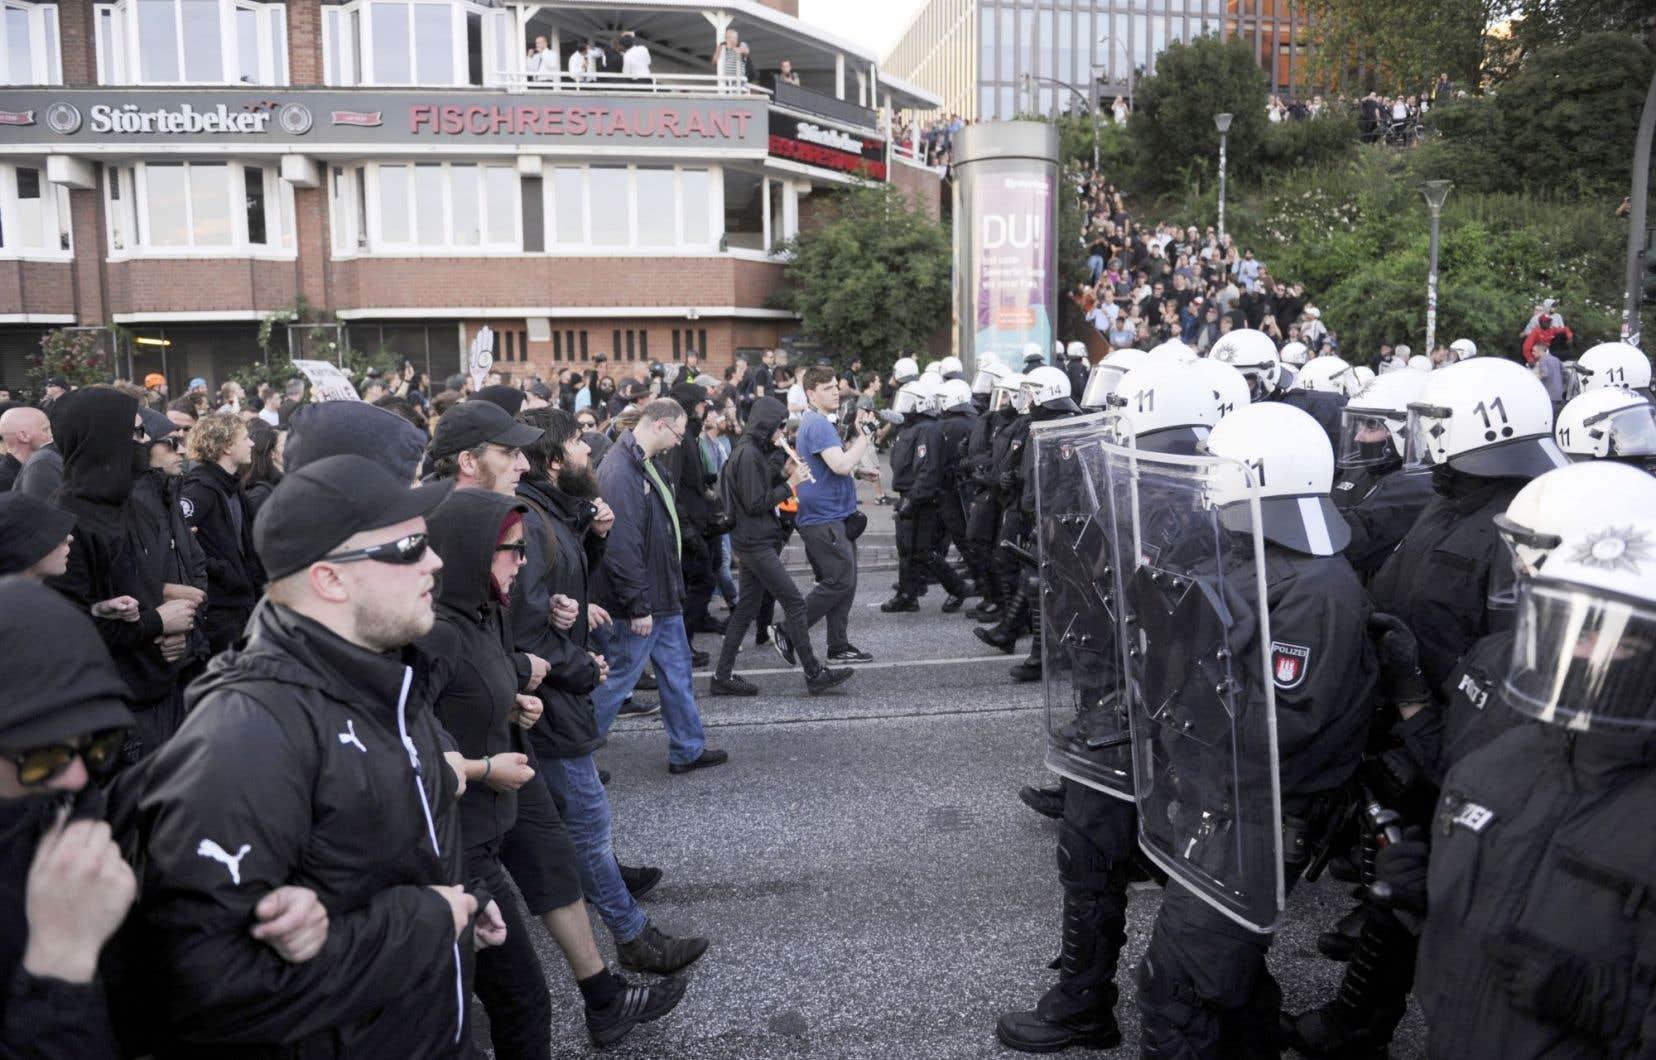 Des protestataires se sont heurtés aux forces de l'ordre jeudi après-midi, quelques heures avant l'ouverture du sommet à Hambourg.